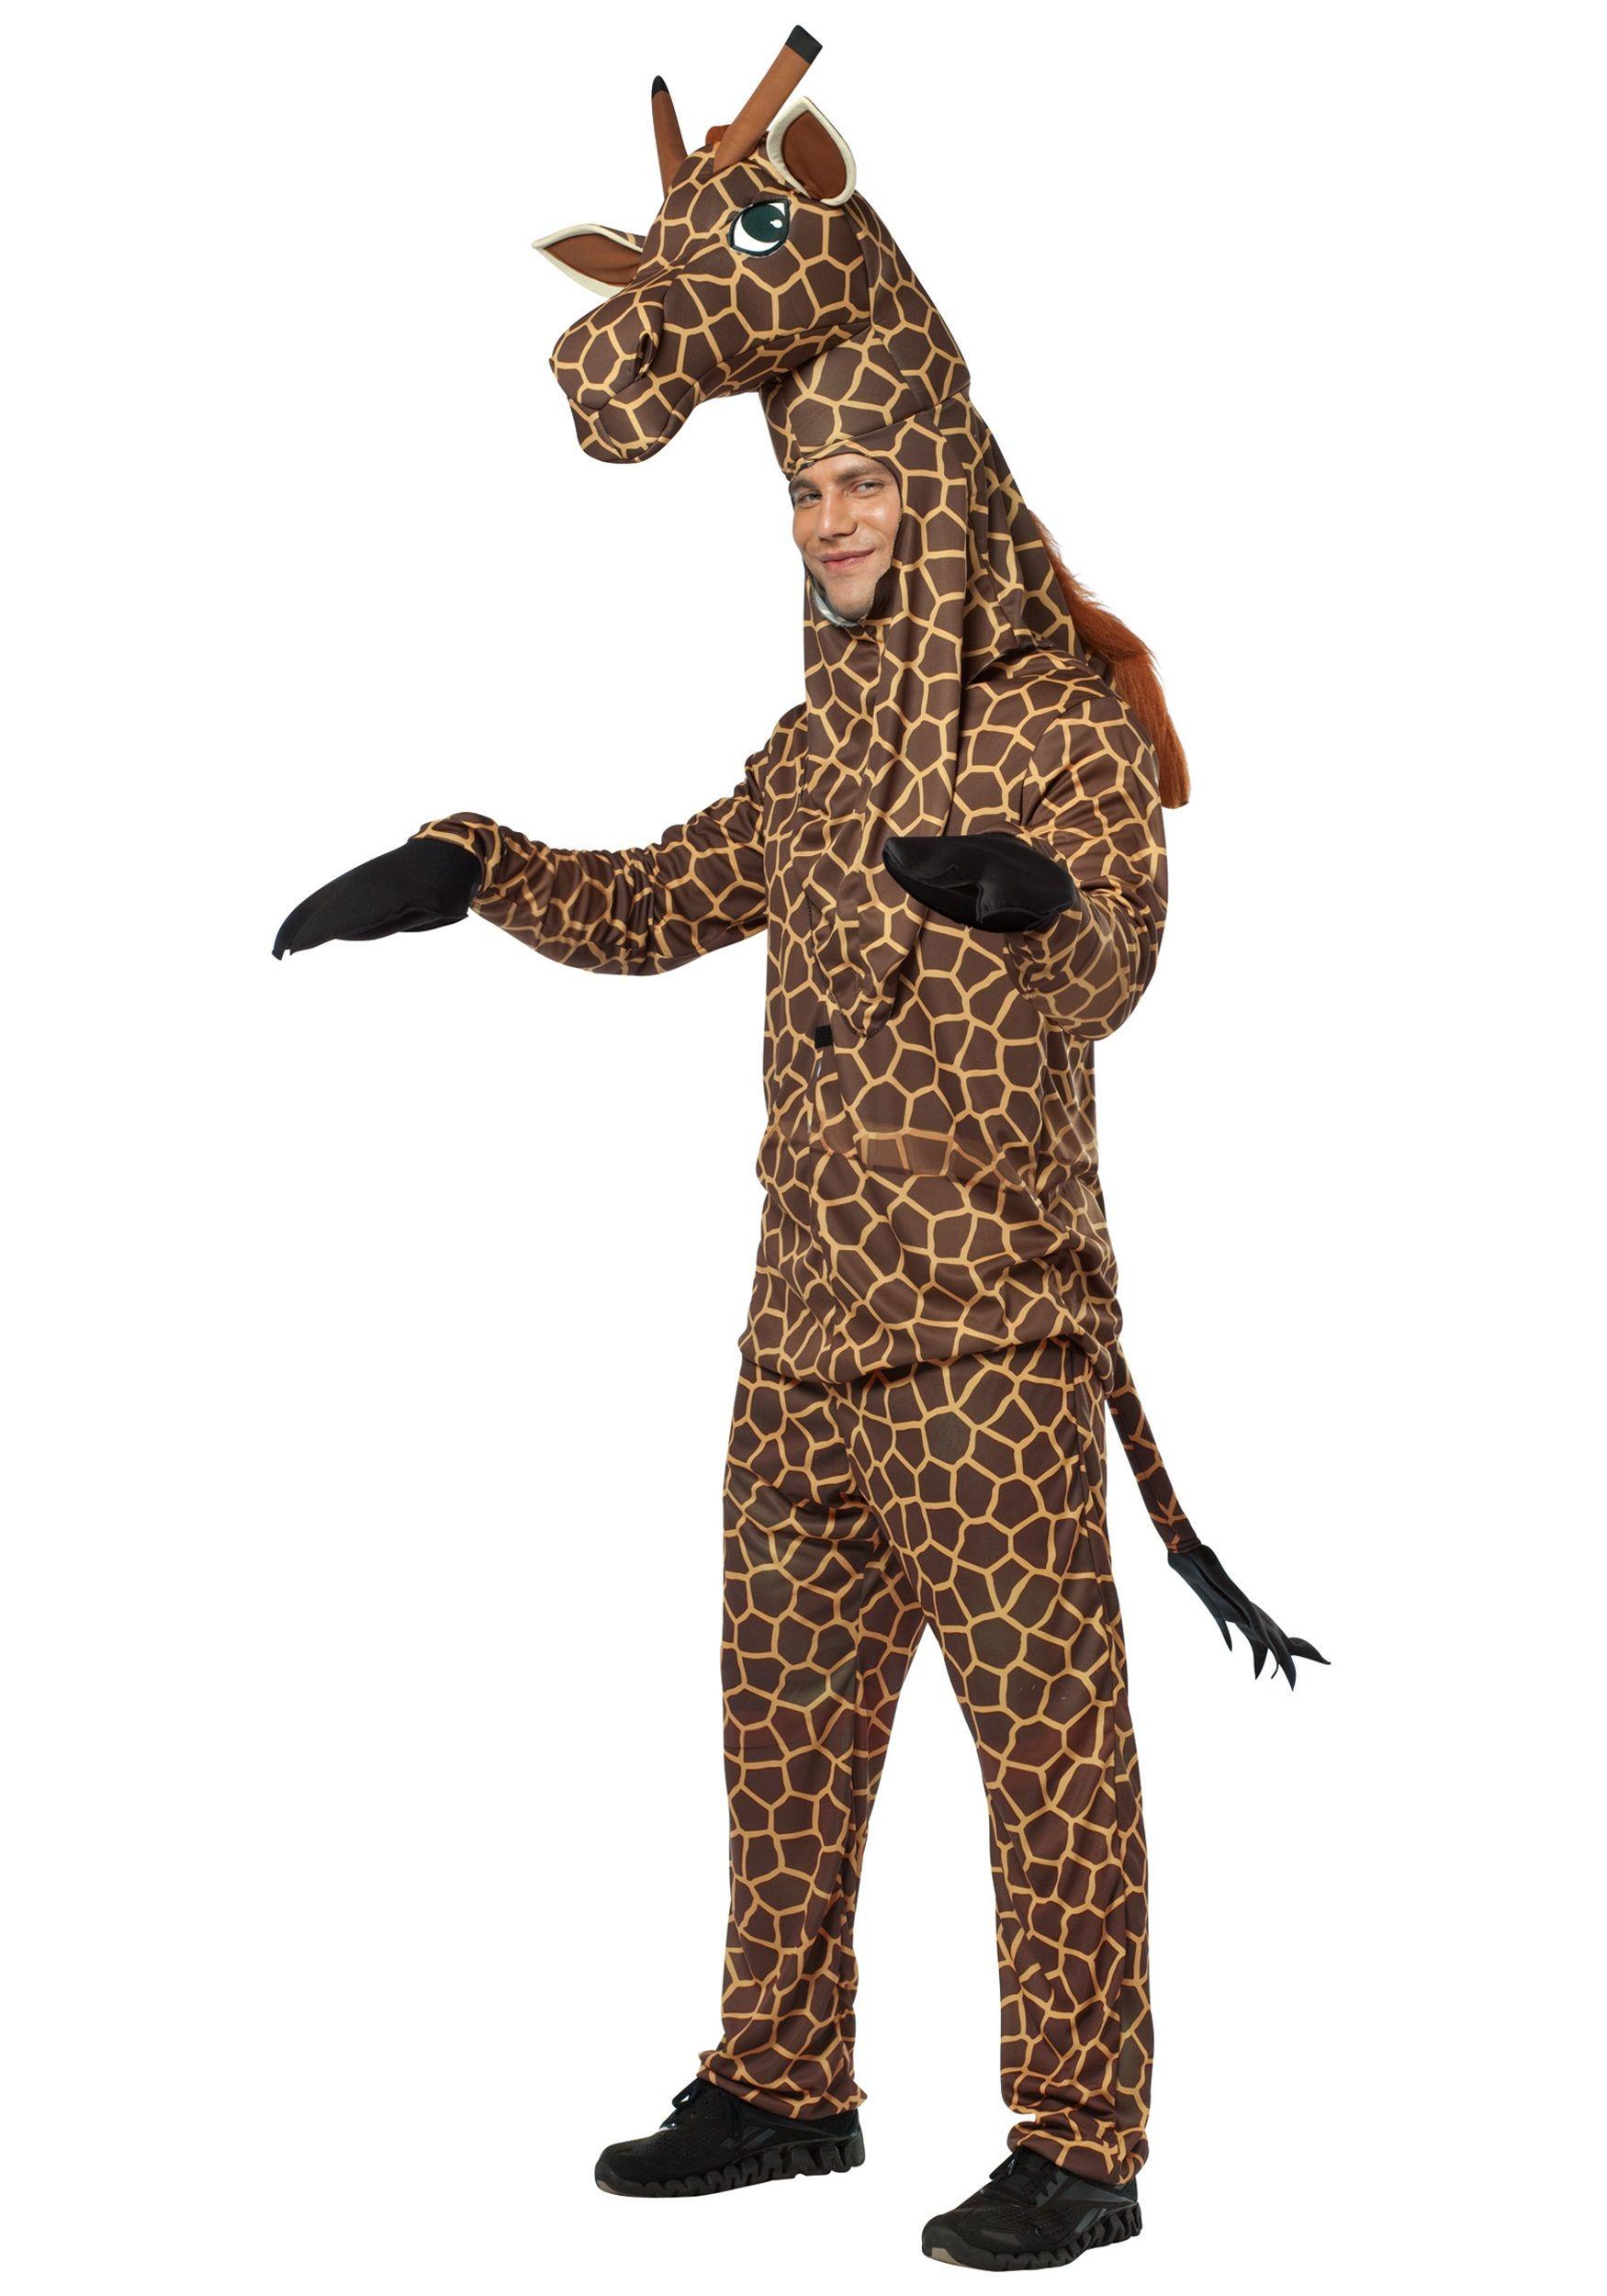 Adult Giraffe Costume | Giraffe costume